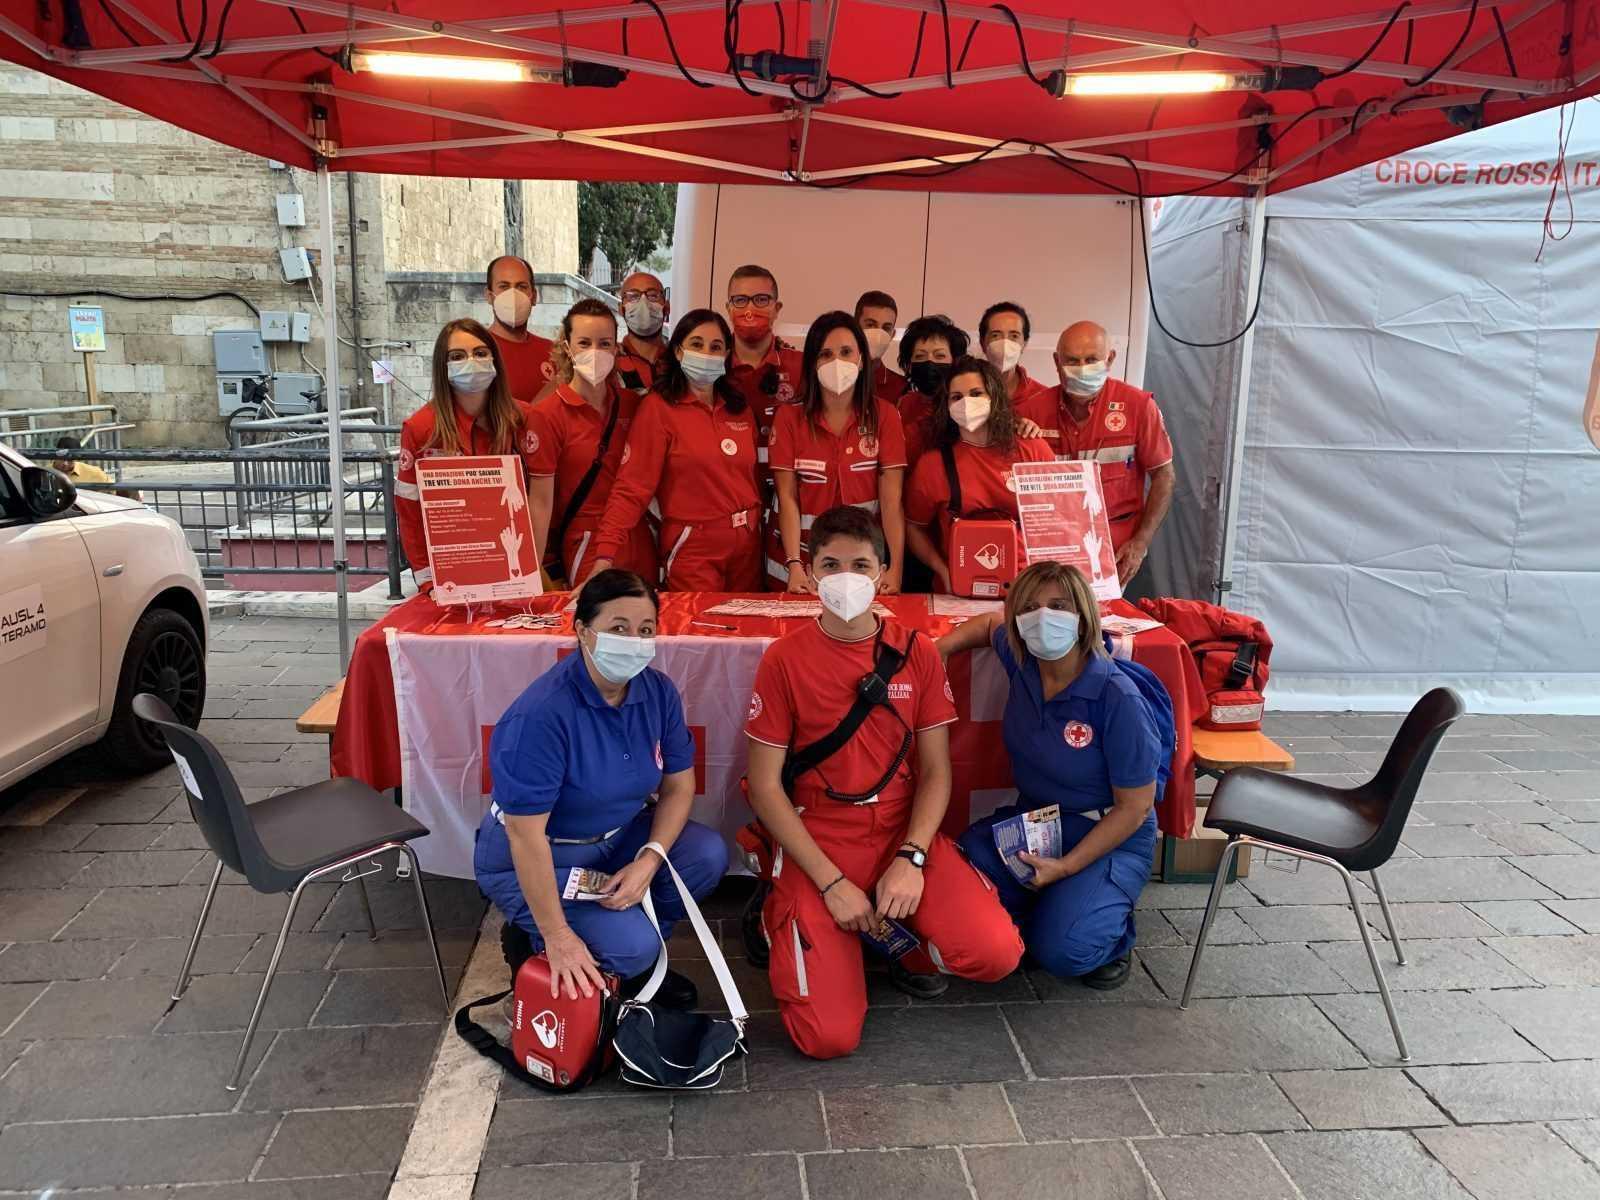 FOTO   Croce Rossa presente in piazza per Sport sotto le Stelle